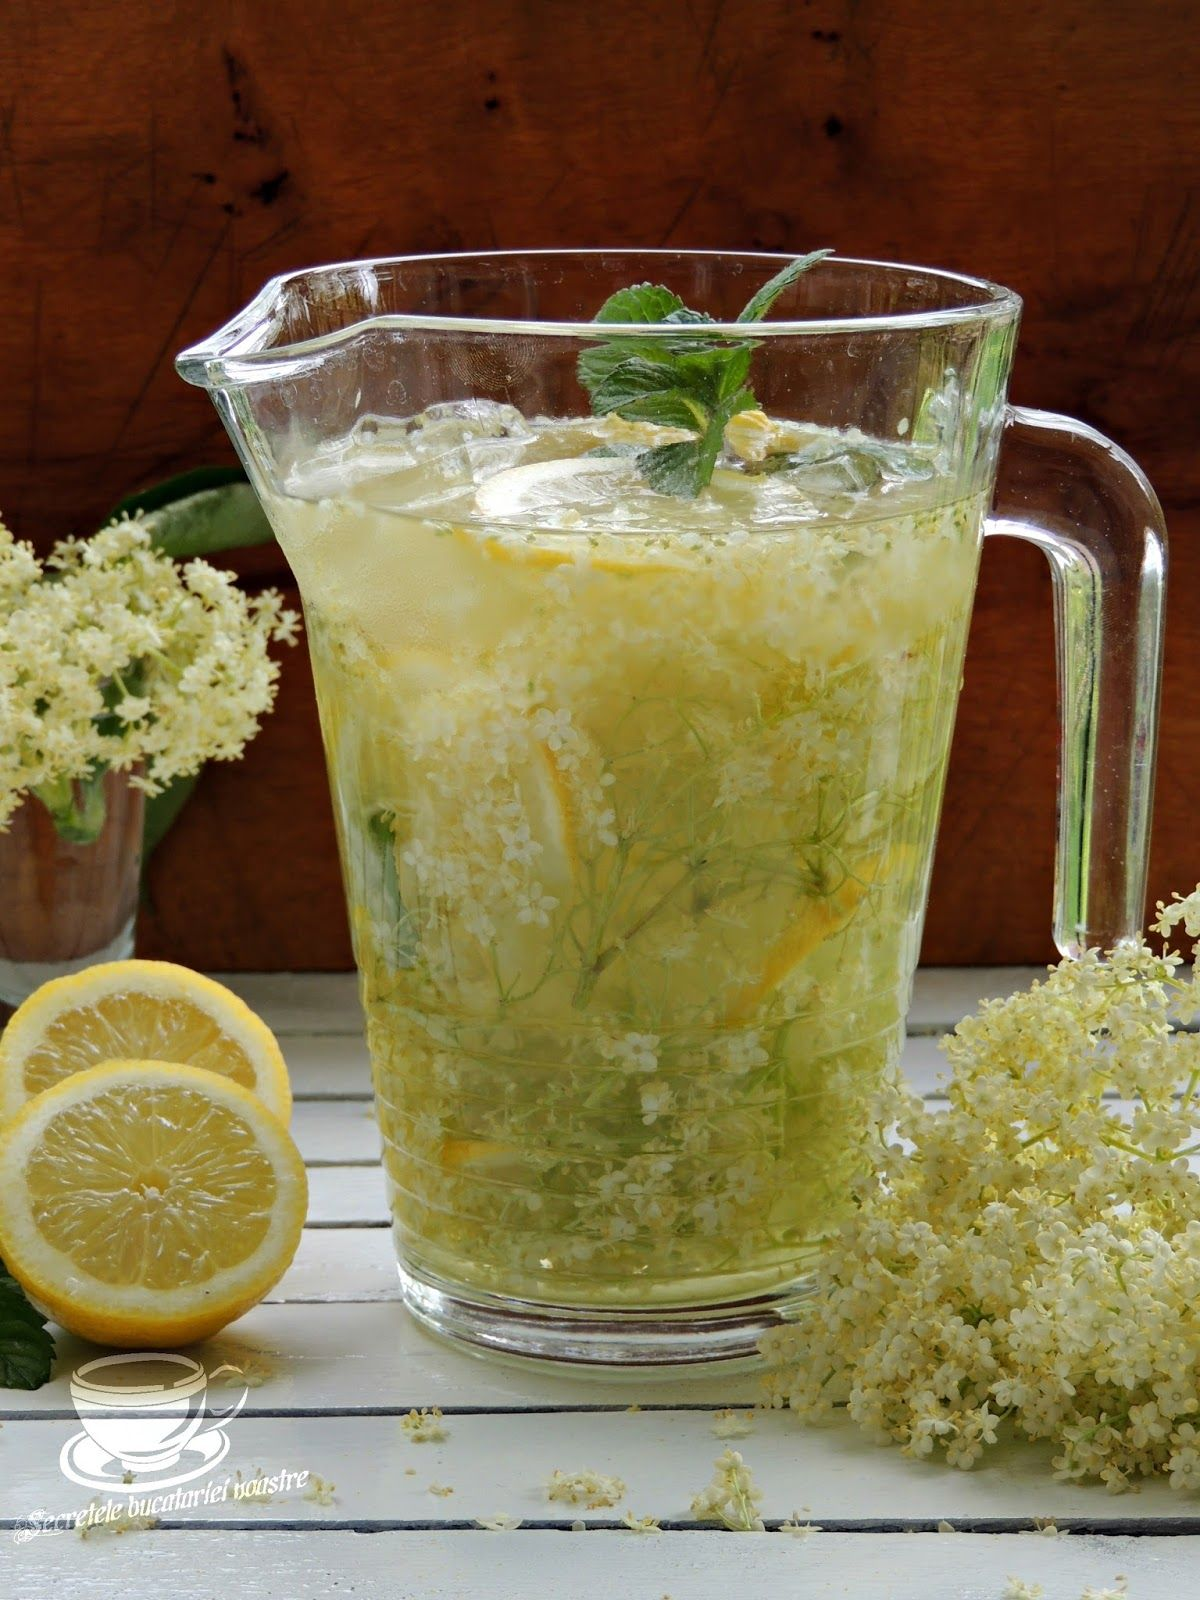 Limonada Cu Flori De Soc Si Menta With Images Food Recipes